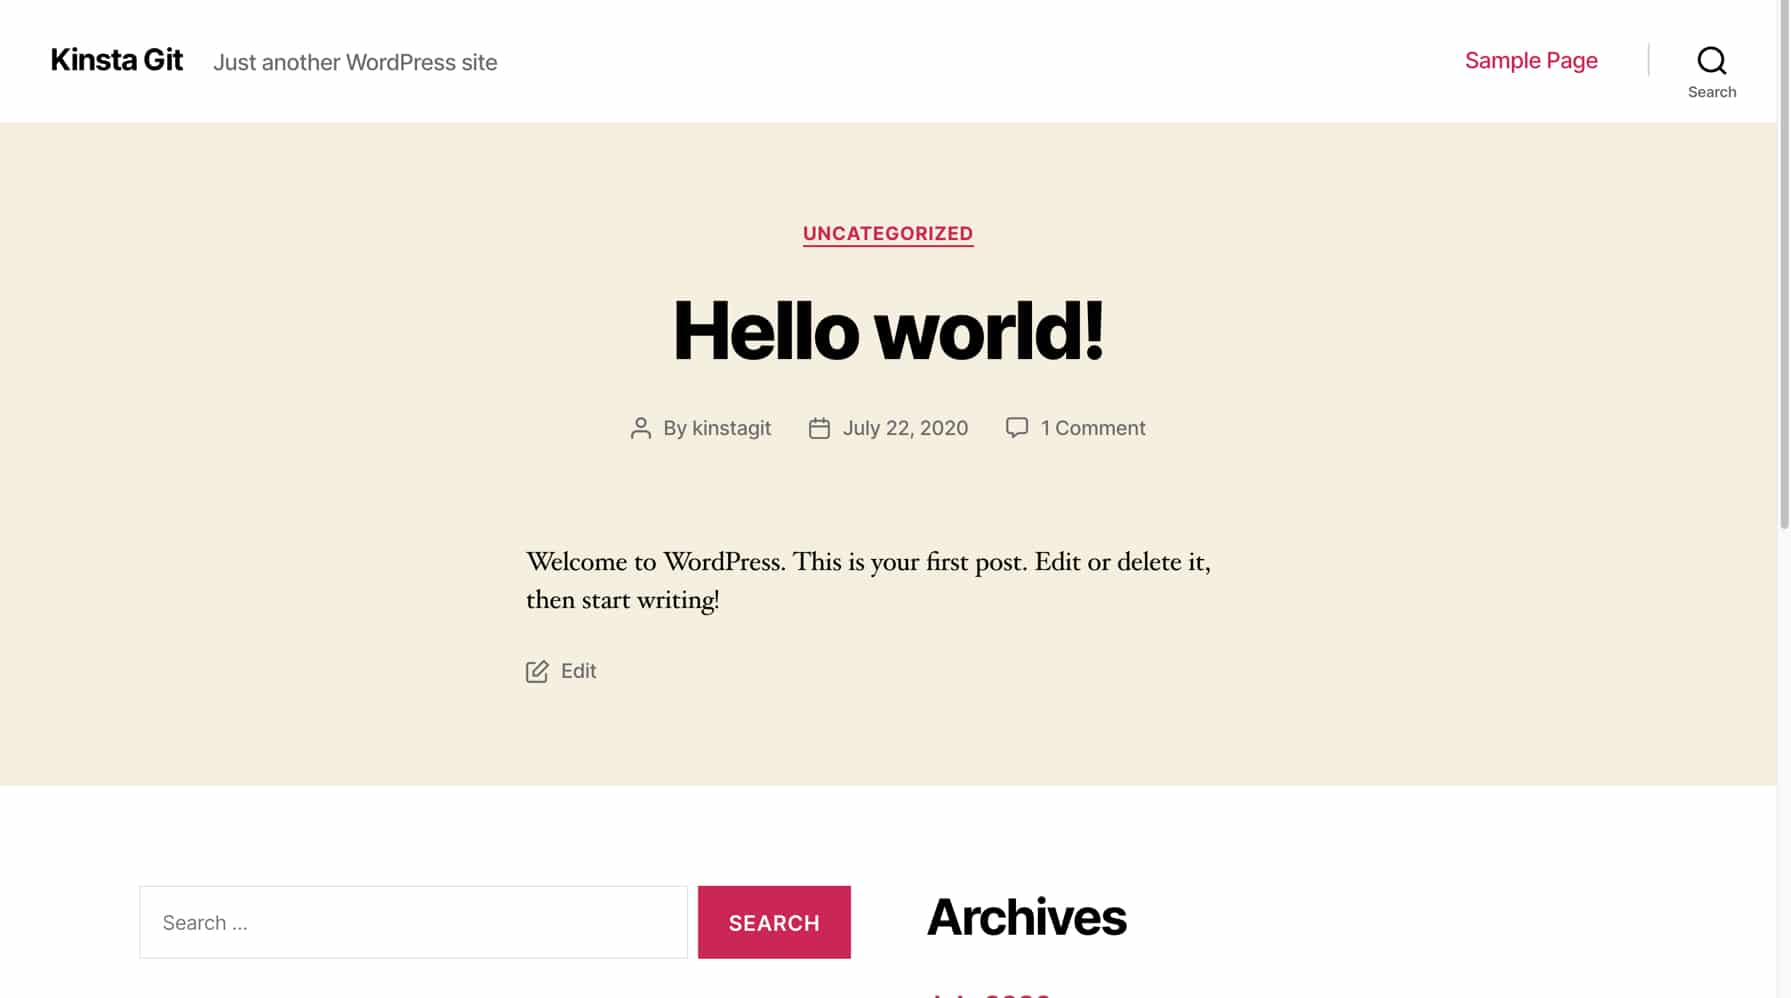 Una nueva instalación de WordPress.